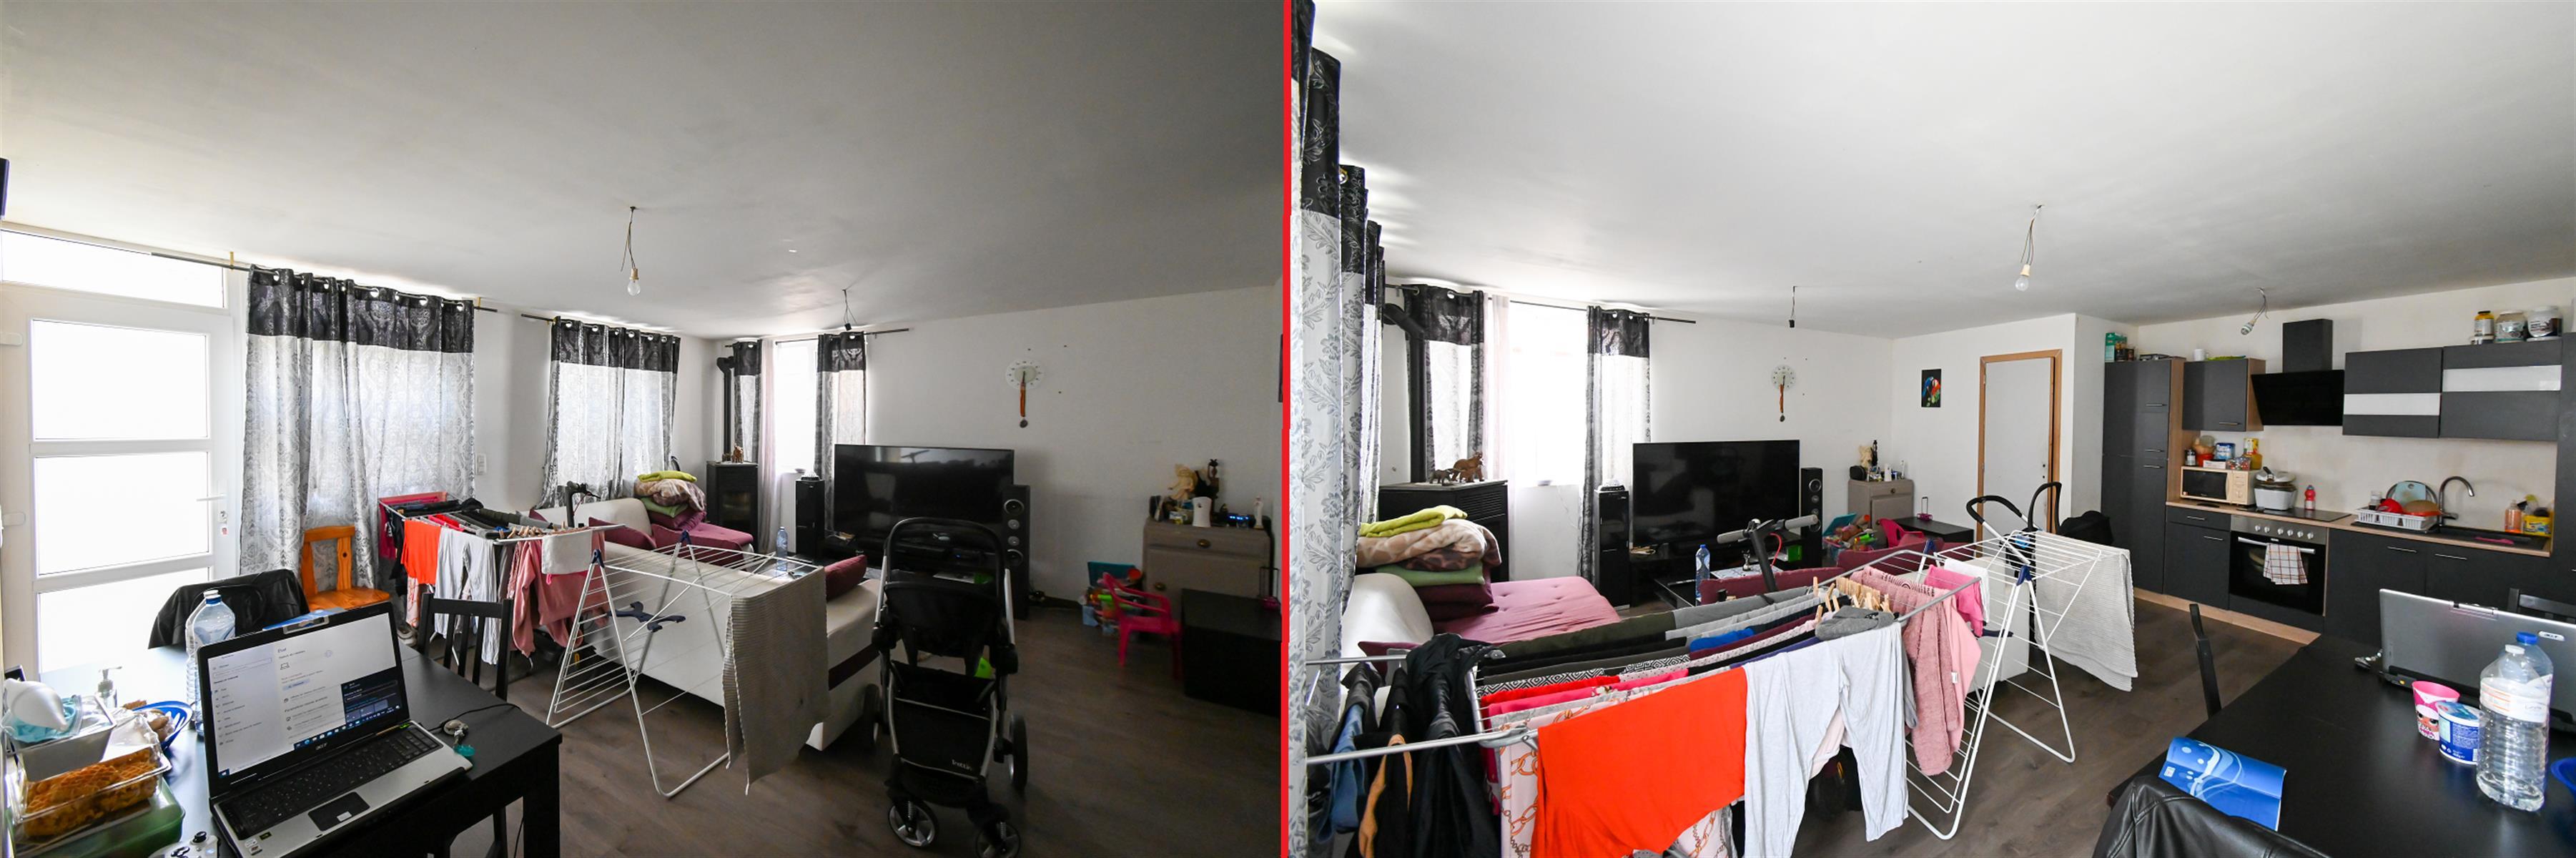 Maison - Verviers - #4320208-15